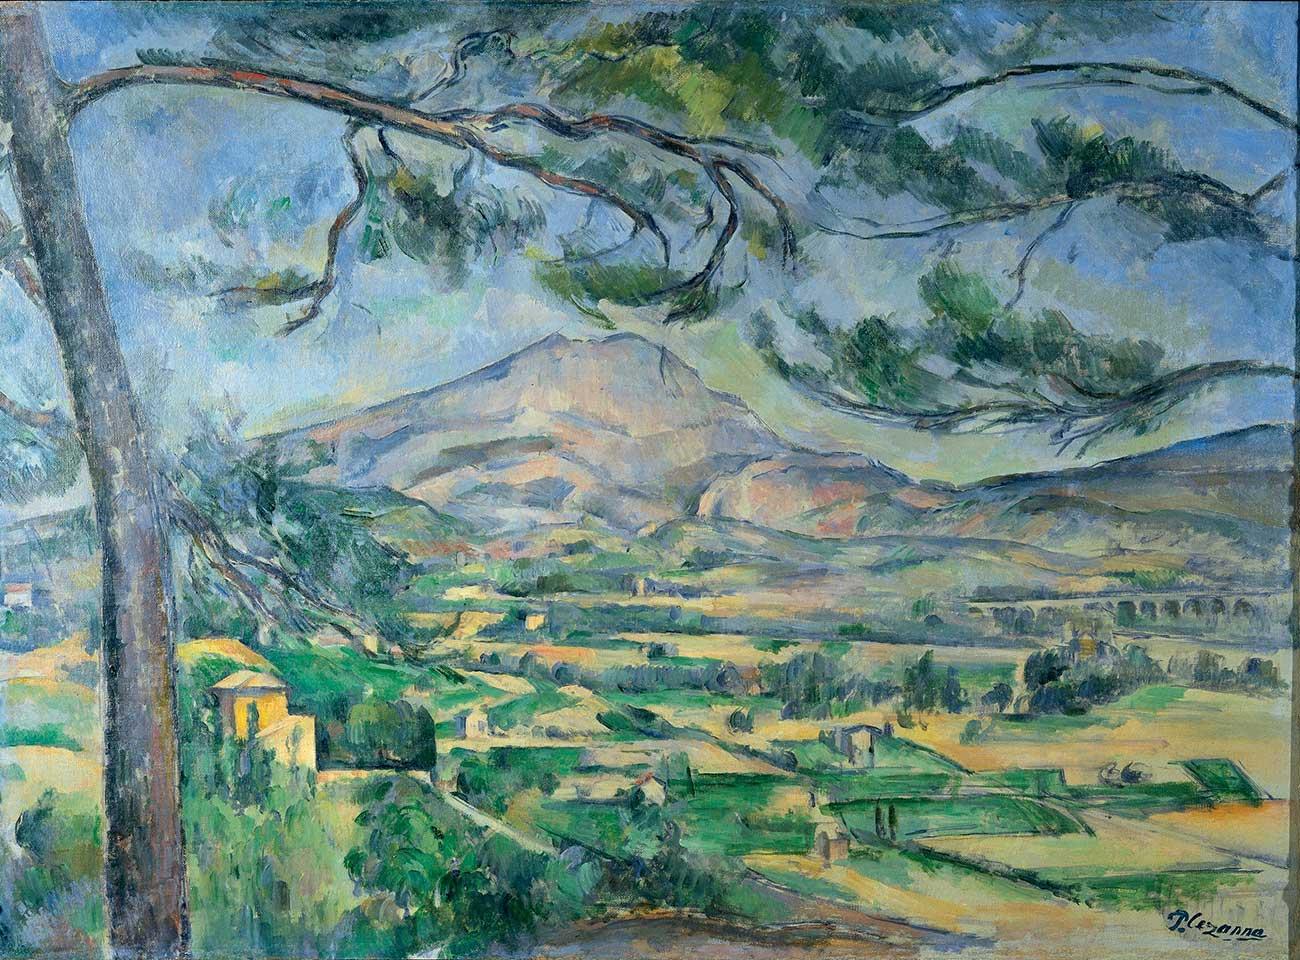 Paul Cezanne : La Sainte Victoire au grand pin (1885-87) - Exposée en 1895 lors de l'exposition des Amis des Arts - Offerte à Joachim Gasquet